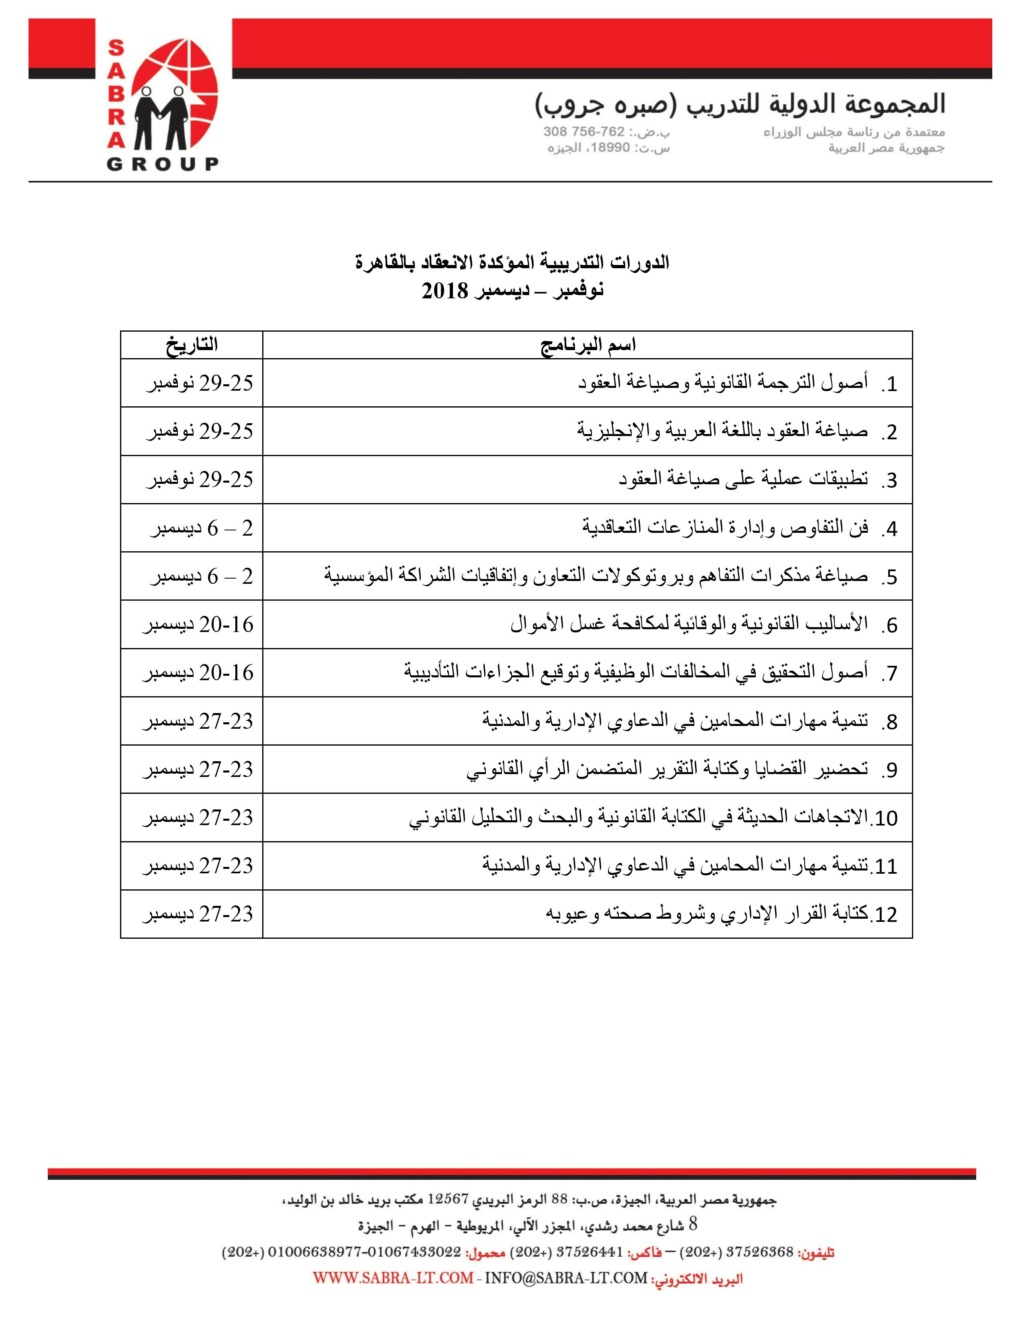 الدورات مؤكدة الانعقاد في القاهرة خلال شهري نوفمبر- ديسمبر Cio_aa15